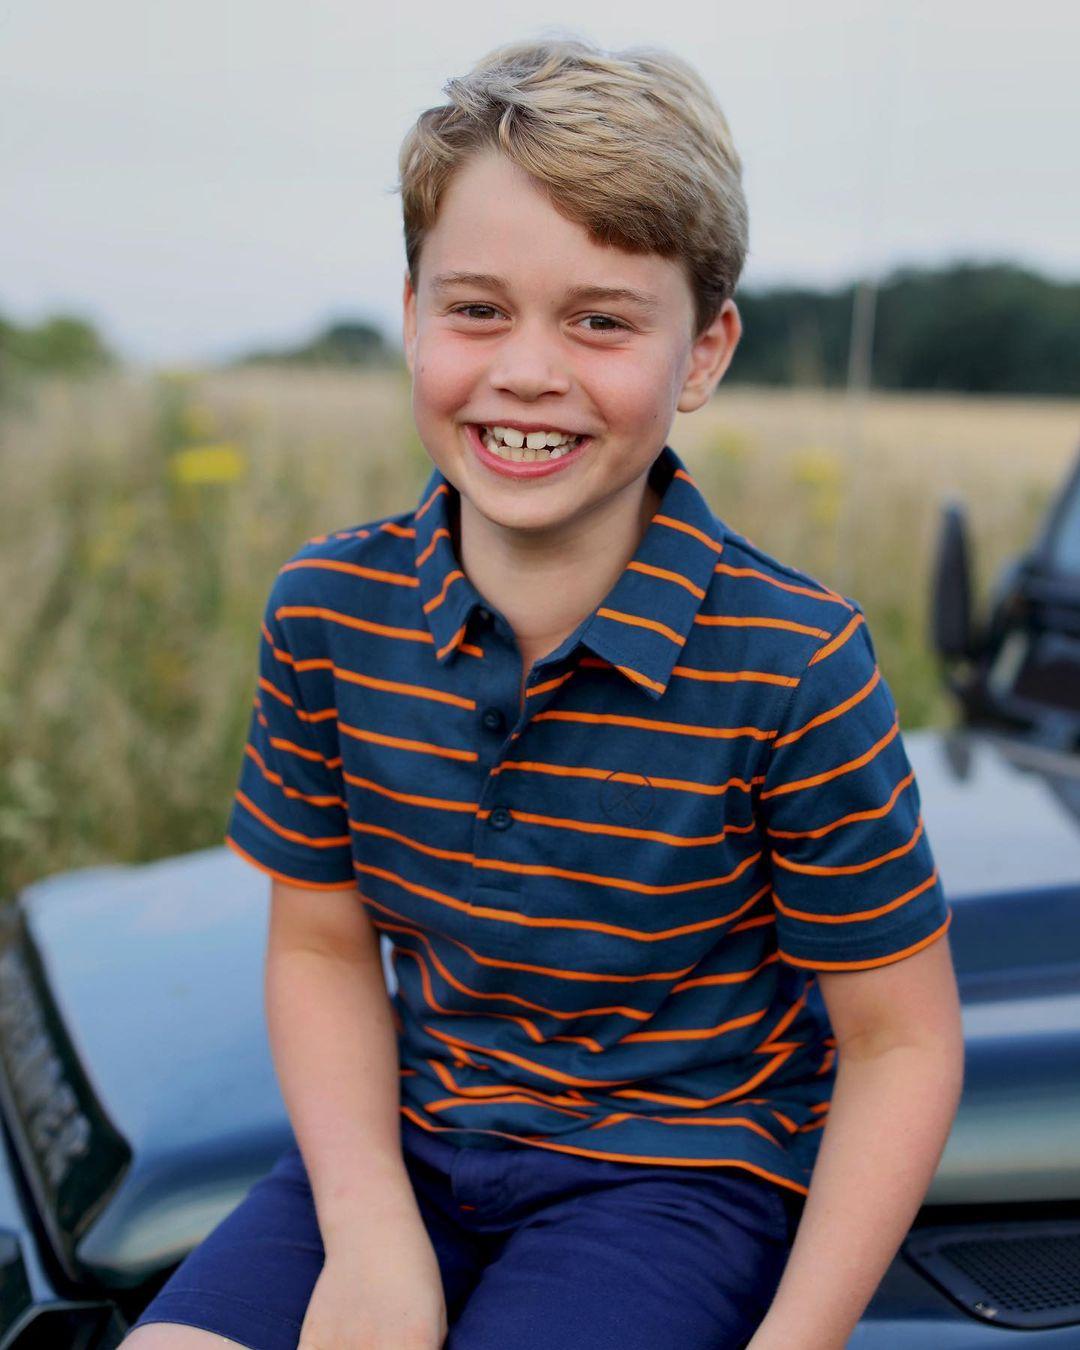 Кейт Міддлтон і принц Вільям показали нове фото на честь 8-го дня народження старшого сина